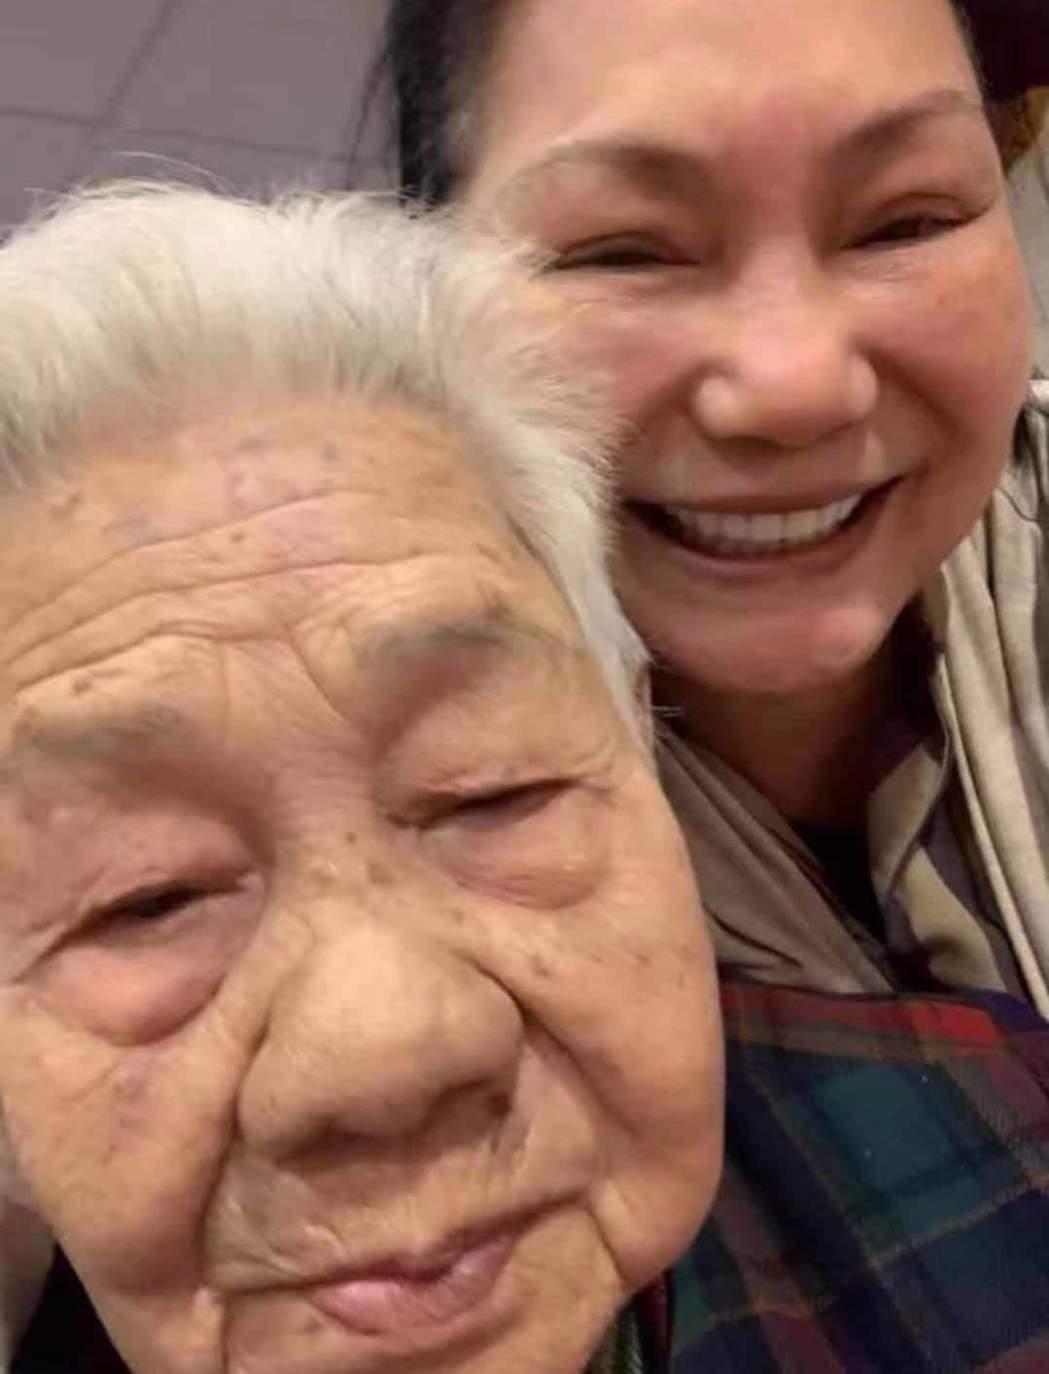 小S分享S媽和阿嬤留下珍貴合照。圖/摘自臉書